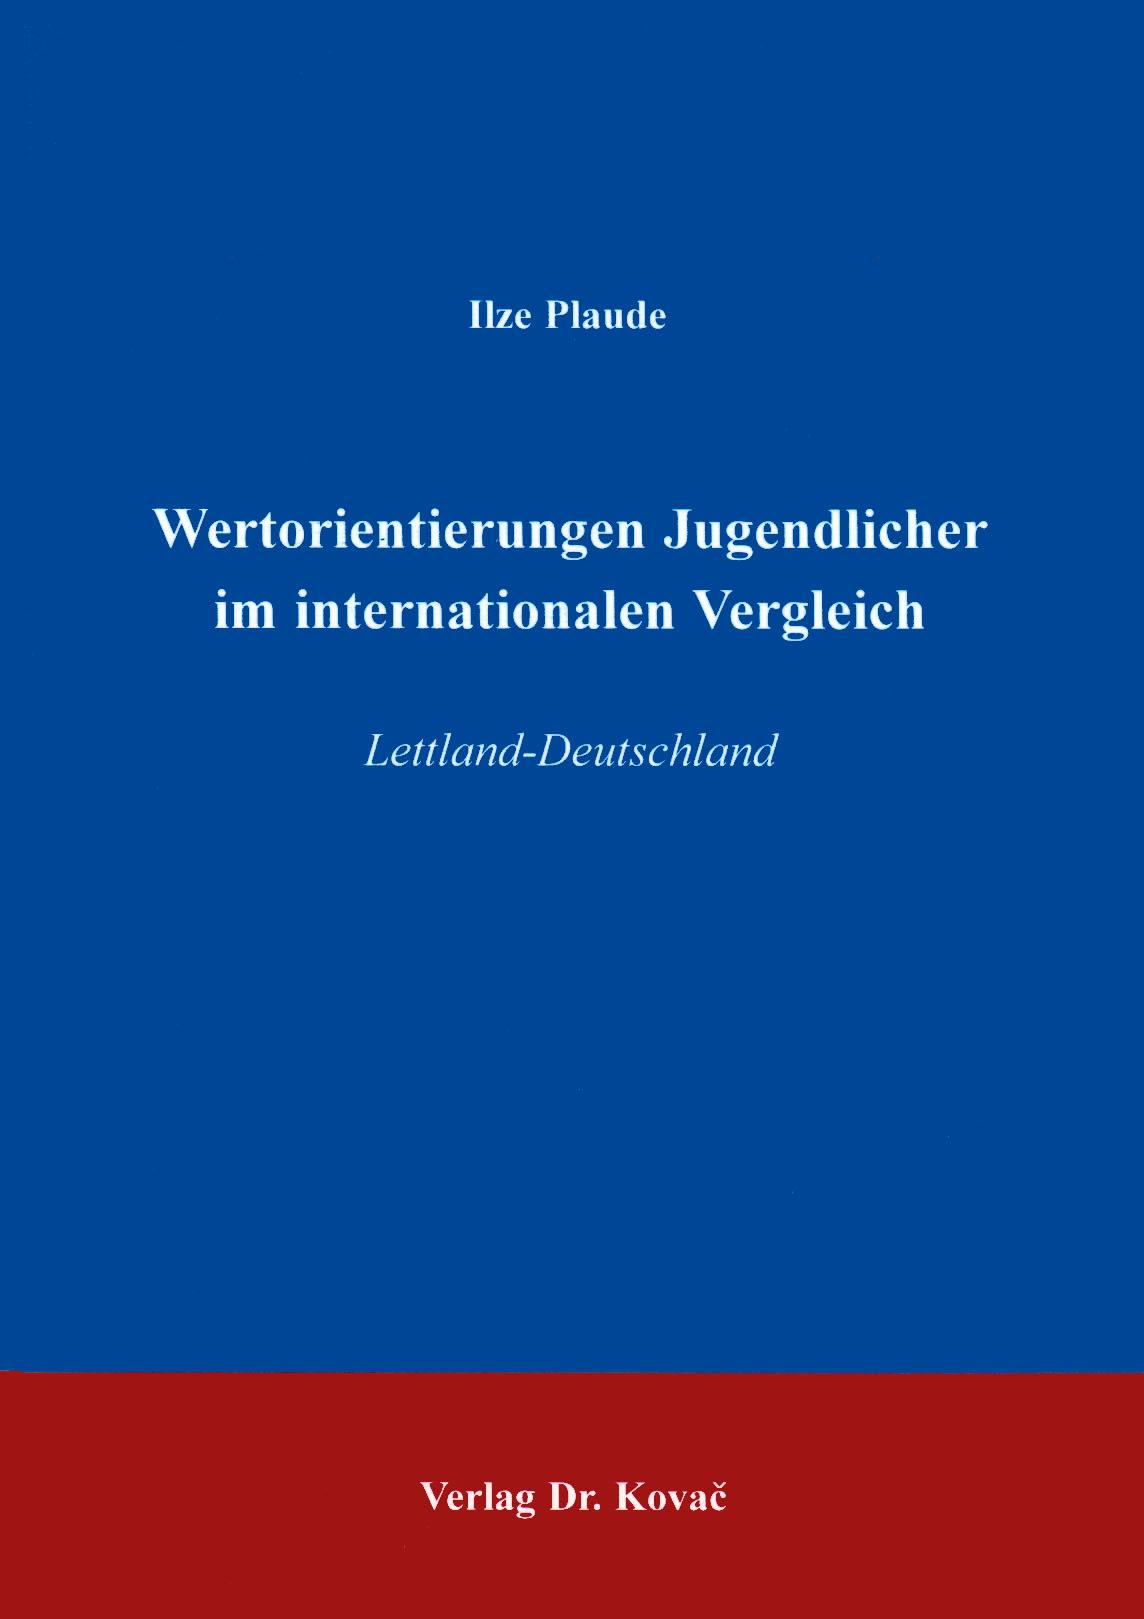 Cover: Wertorientierungen Jugendlicher im internationalen Vergleich